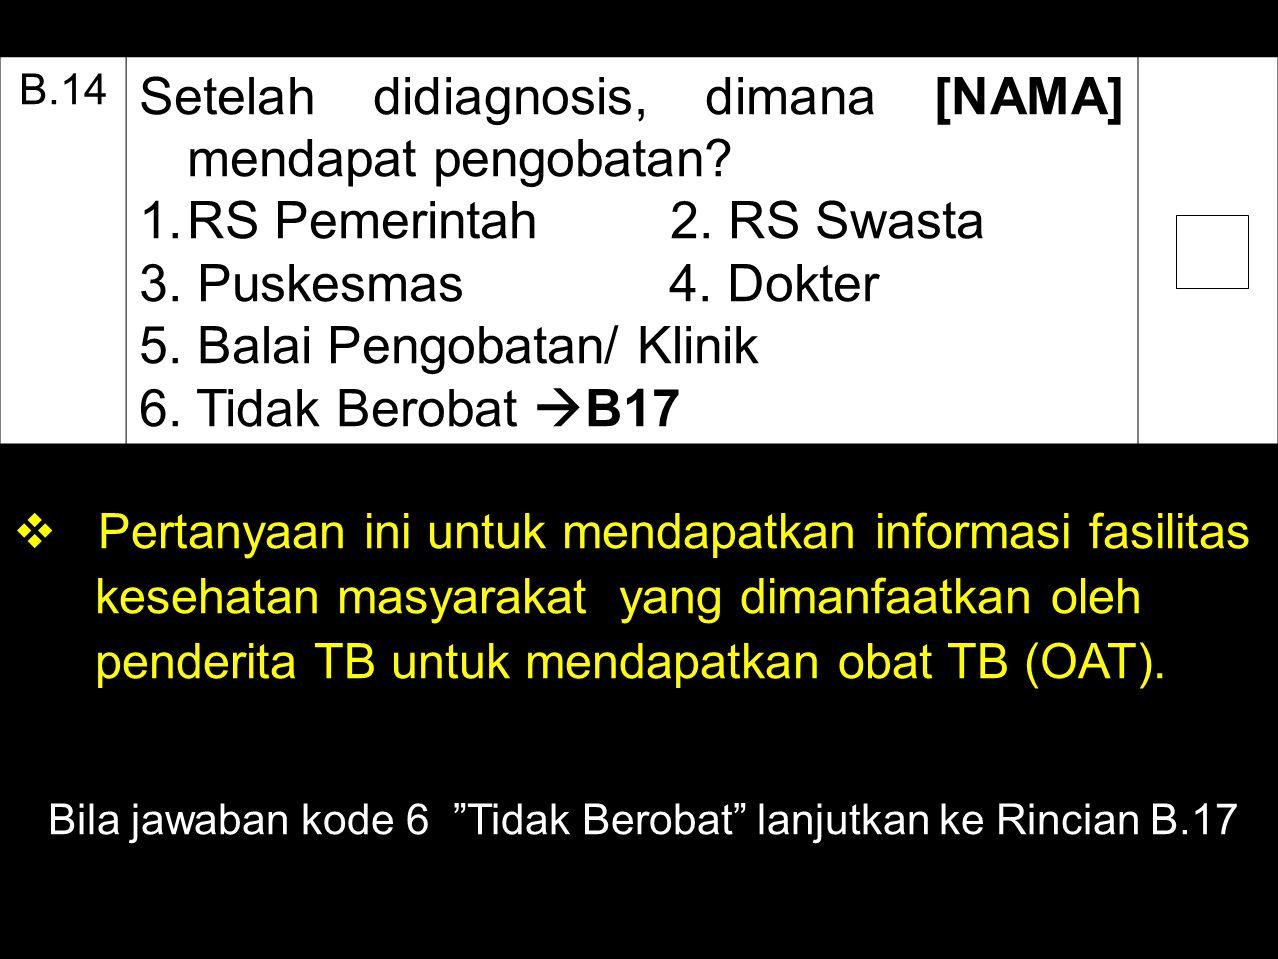 B.14 Setelah didiagnosis, dimana [NAMA] mendapat pengobatan? 1.RS Pemerintah 2. RS Swasta 3. Puskesmas 4. Dokter 5. Balai Pengobatan/ Klinik 6. Tidak